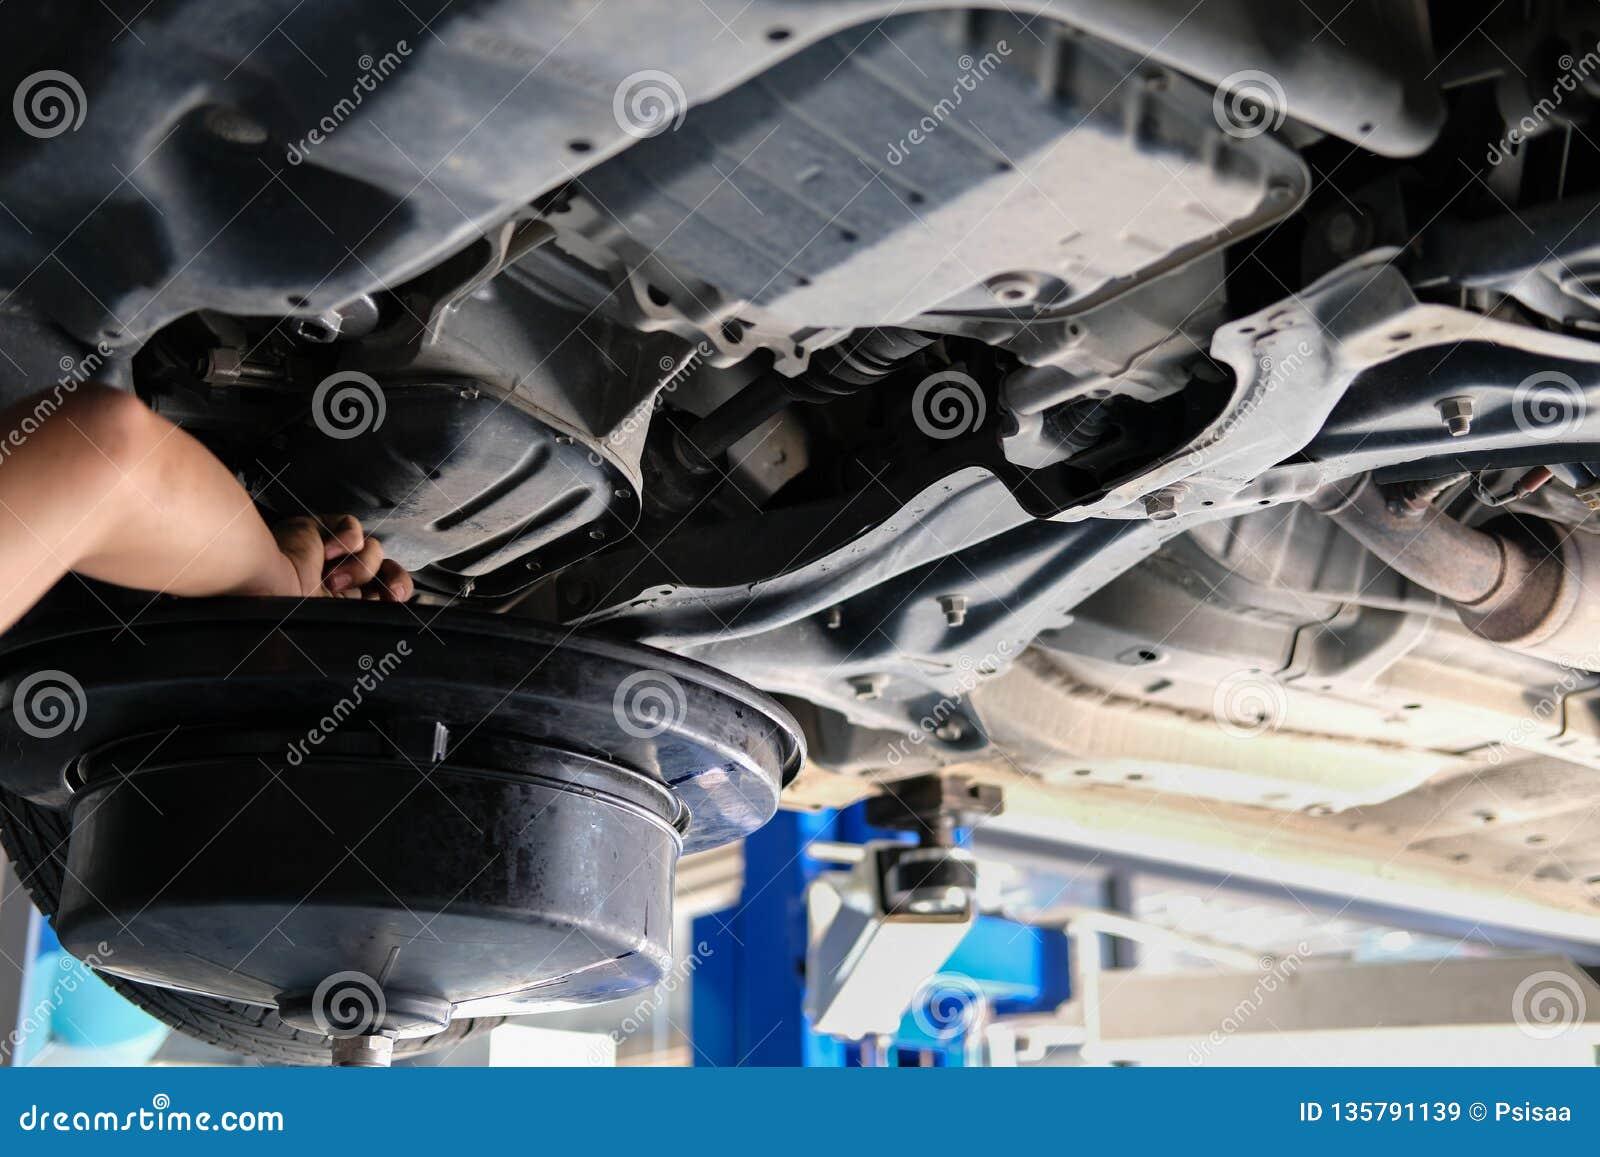 Changement D Huile >> Le Vehicule Se Soulevent Par Hydraulique Pour Le Changement